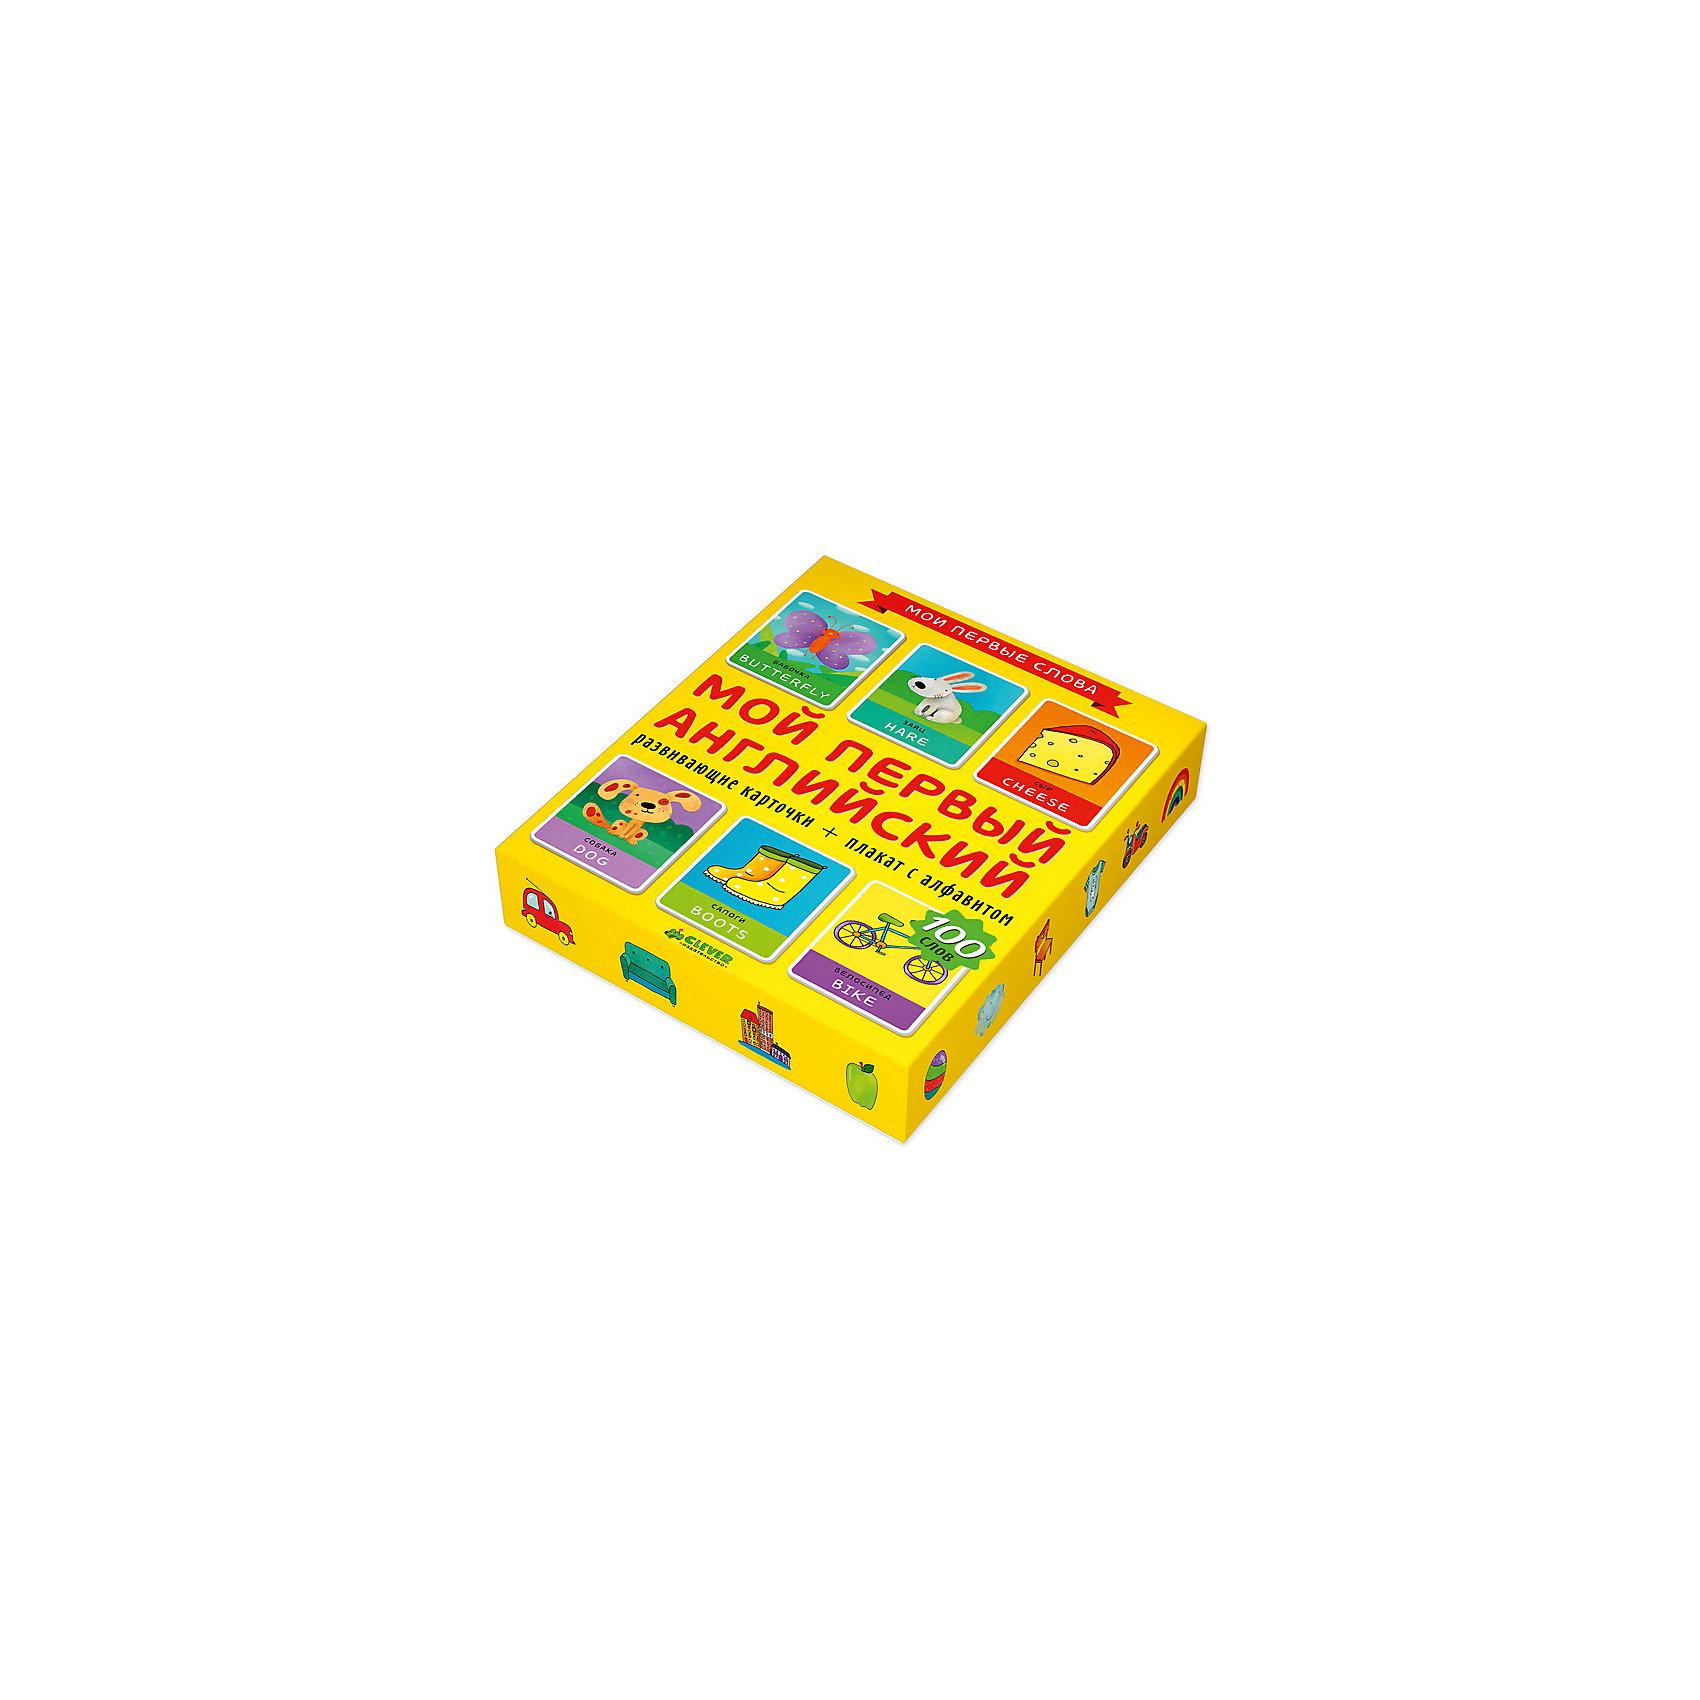 Развивающие карточки Мой первый английский. 100 словКнижка-игра и одновременно обучающее пособие «Мой первый английский. 100 слов.» - это 100 новых английских слов, нанесенных на карточки с яркими и запоминающимися иллюстрациями. На карточках изображены знакомые каждому ребенку предметы, окружающие его ежедневно - колготки и кроватка, кубики и курица, сыр и хлеб, причем на карточке помимо изображения предмета находятся и его названия на русском и английском языке. Качественный картон и удобная коробка, интересные слова и яркие иллюстрации прослужат не один год и будут любопытны и подрастающим детям, начинающим читать! Также в коробке вас ждёт подарок - красочная азбука-плакат, которую можно повесить на стенку и легко выучить по ней английский алфавит.<br><br>Дополнительная информация:<br><br>- Художник: Сергеева Мария.<br>- Материал: картон.<br>- Иллюстрации: цветные.<br>- Количество карточек: 100 шт.  <br>- Размер упаковки: 23,8х17,3 см. <br><br>Развивающие карточки Мой первый английский. 100 слов можно купить в нашем магазине.<br><br>Ширина мм: 173<br>Глубина мм: 235<br>Высота мм: 15<br>Вес г: 780<br>Возраст от месяцев: 0<br>Возраст до месяцев: 36<br>Пол: Унисекс<br>Возраст: Детский<br>SKU: 4419585